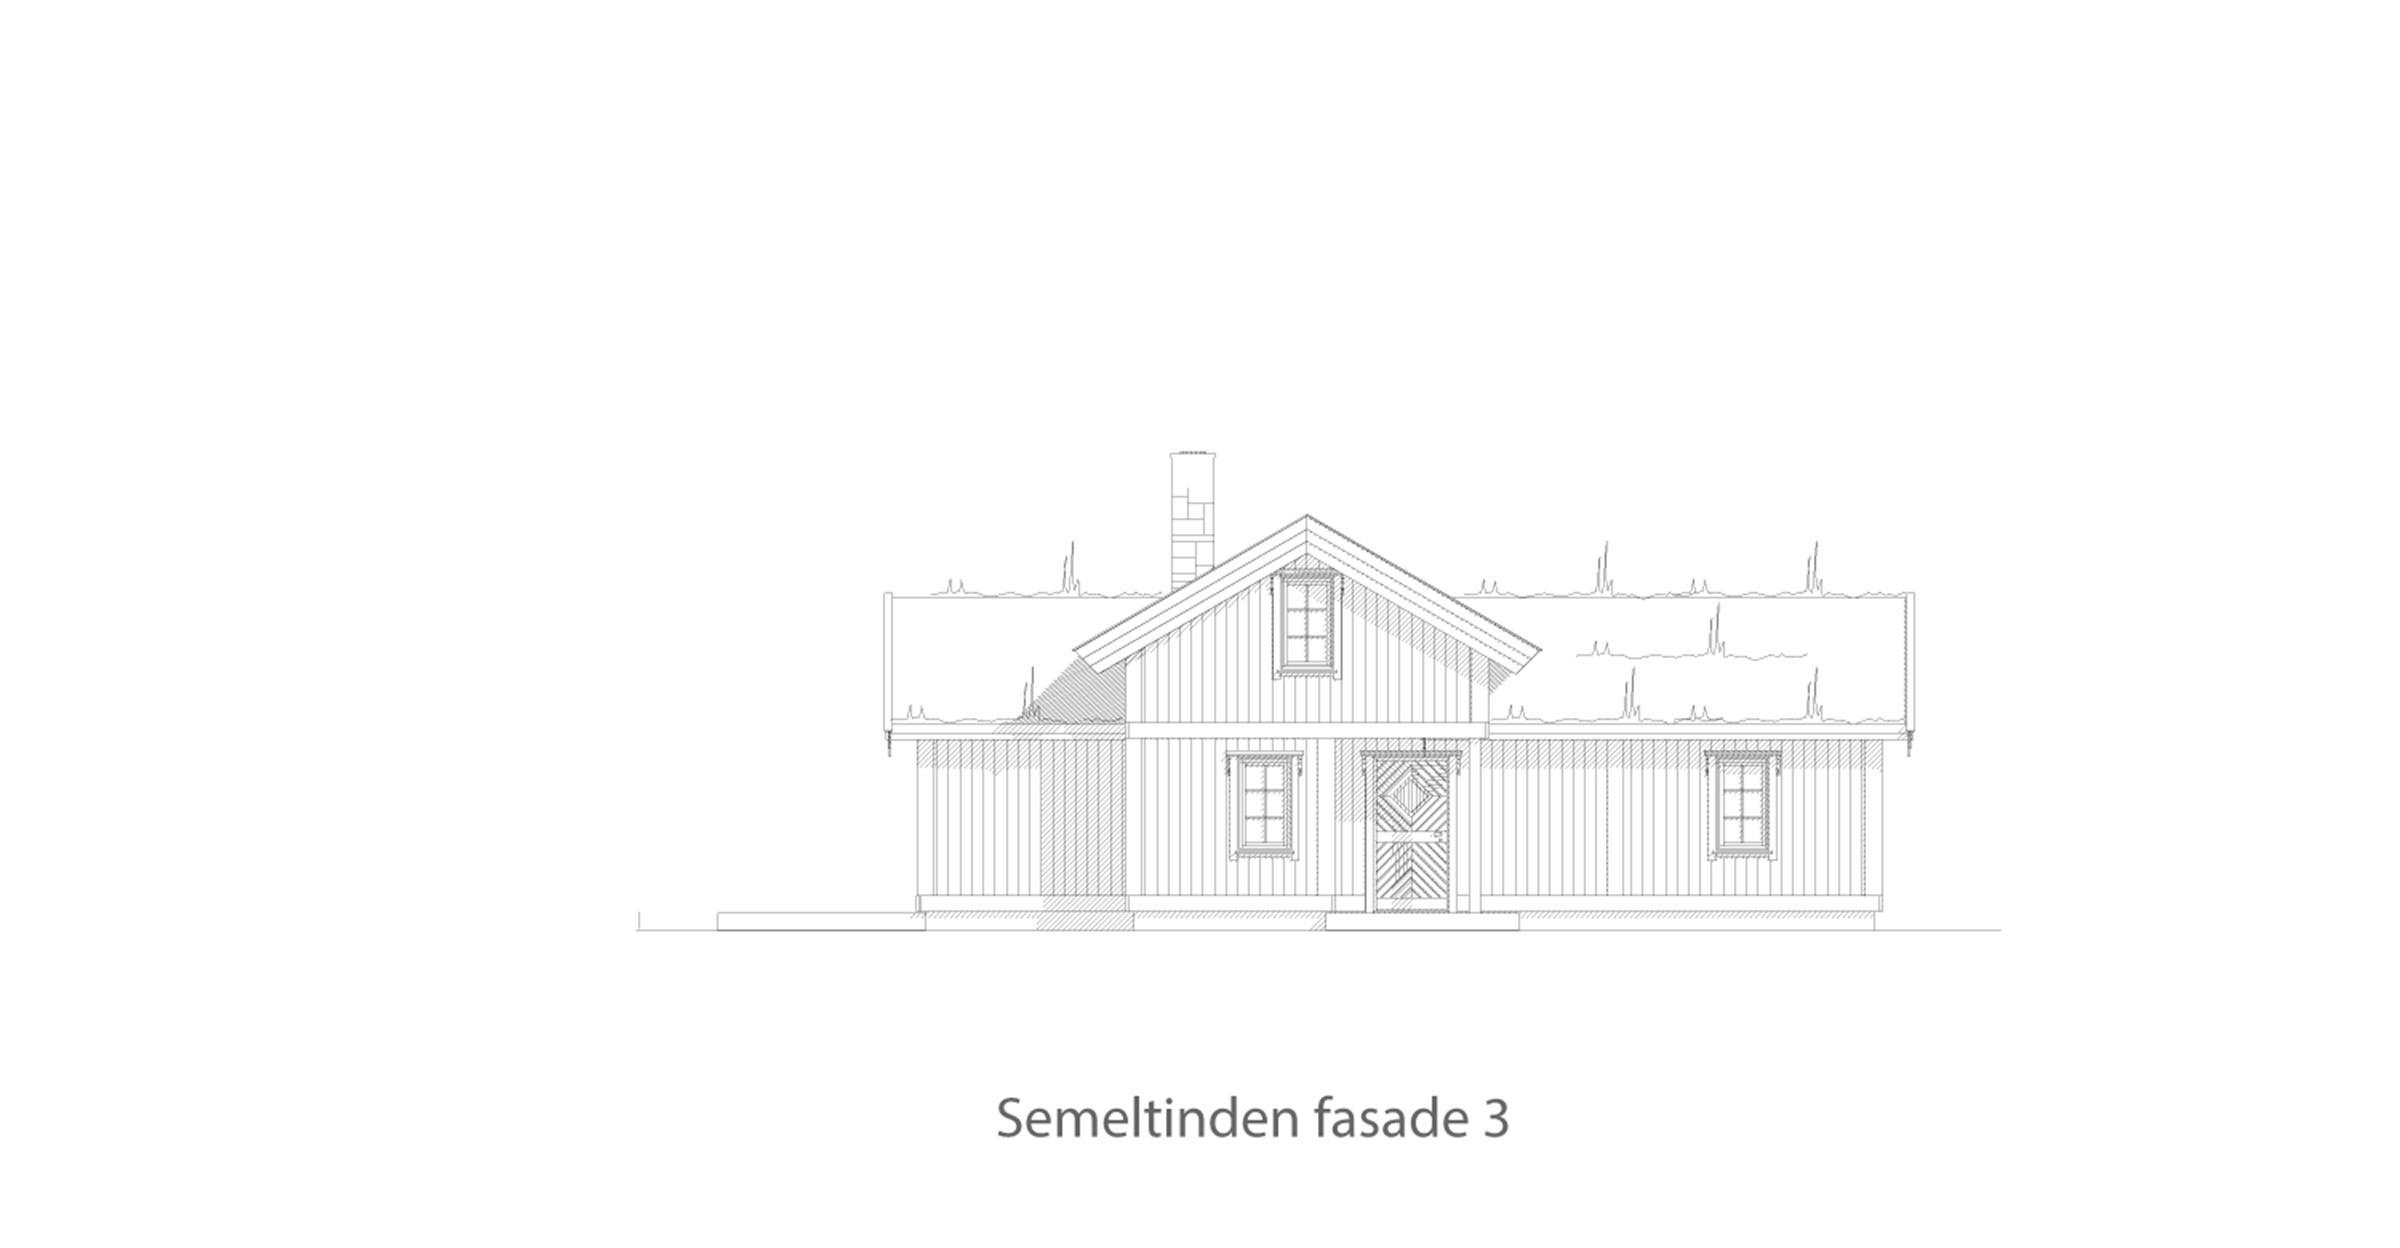 Semeltinden fasade 3